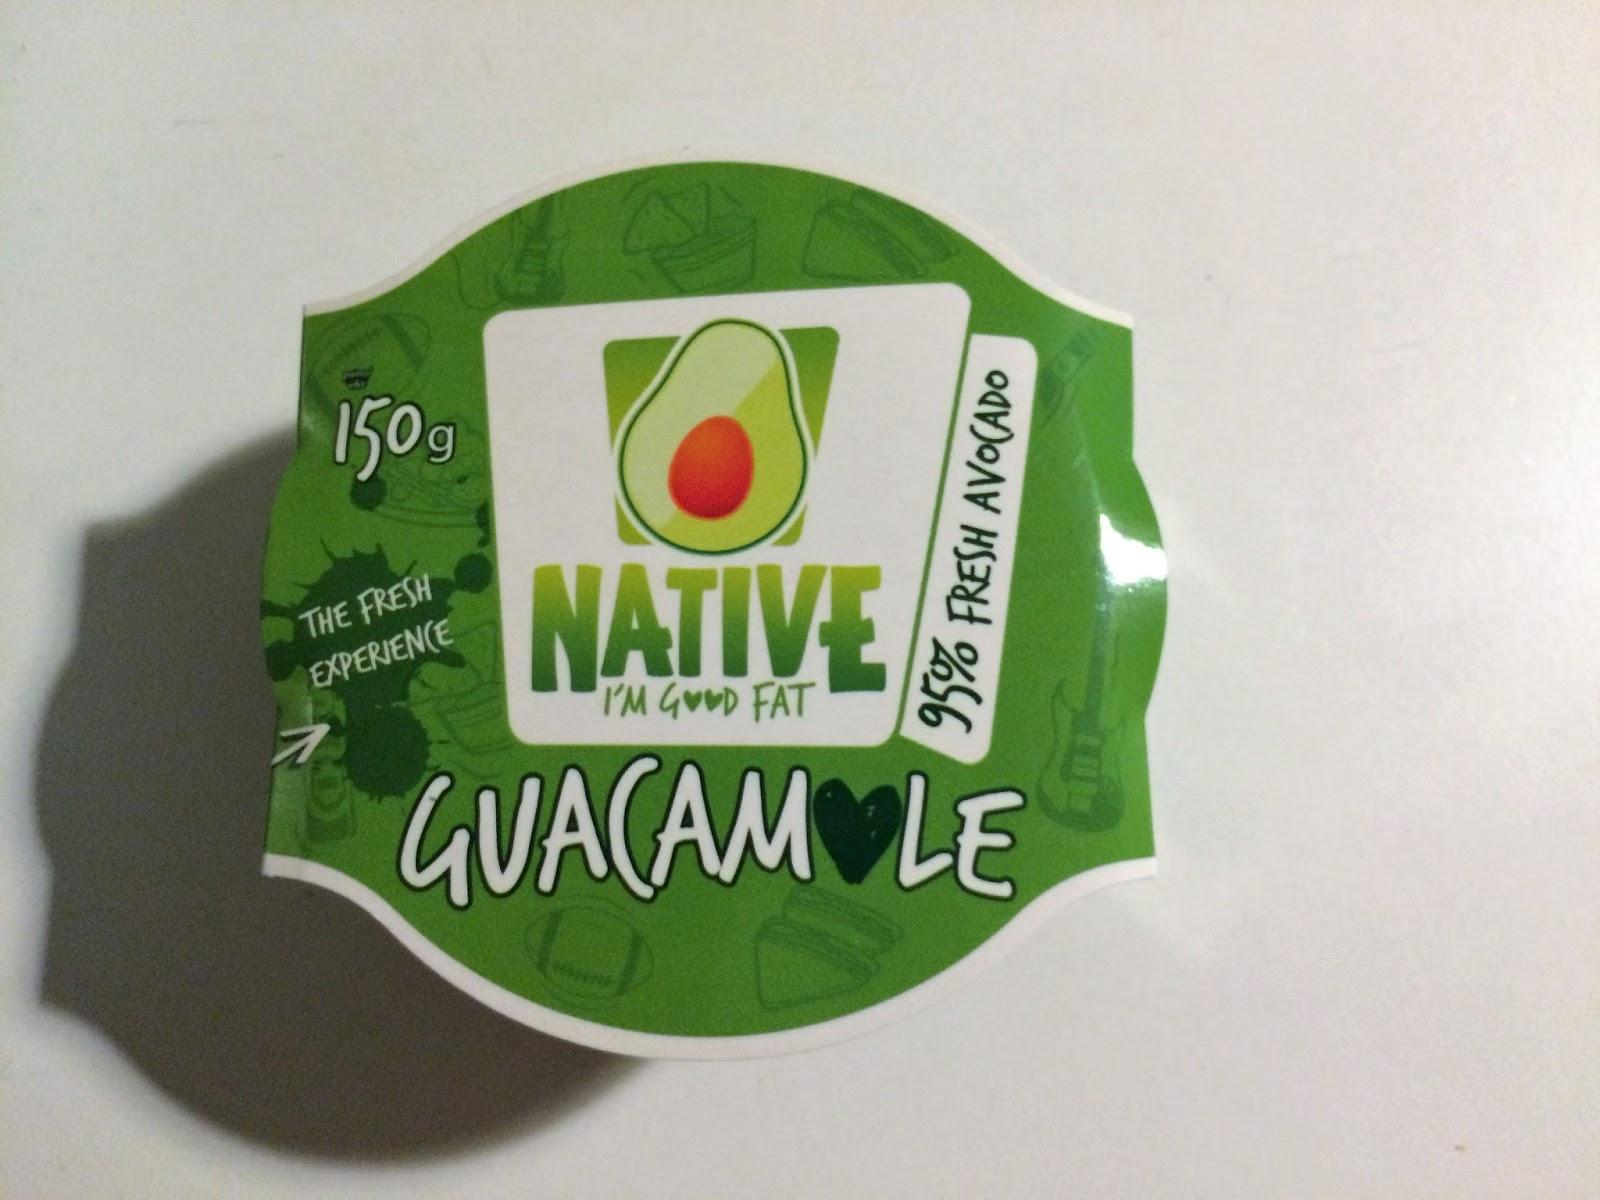 Native Guocamole